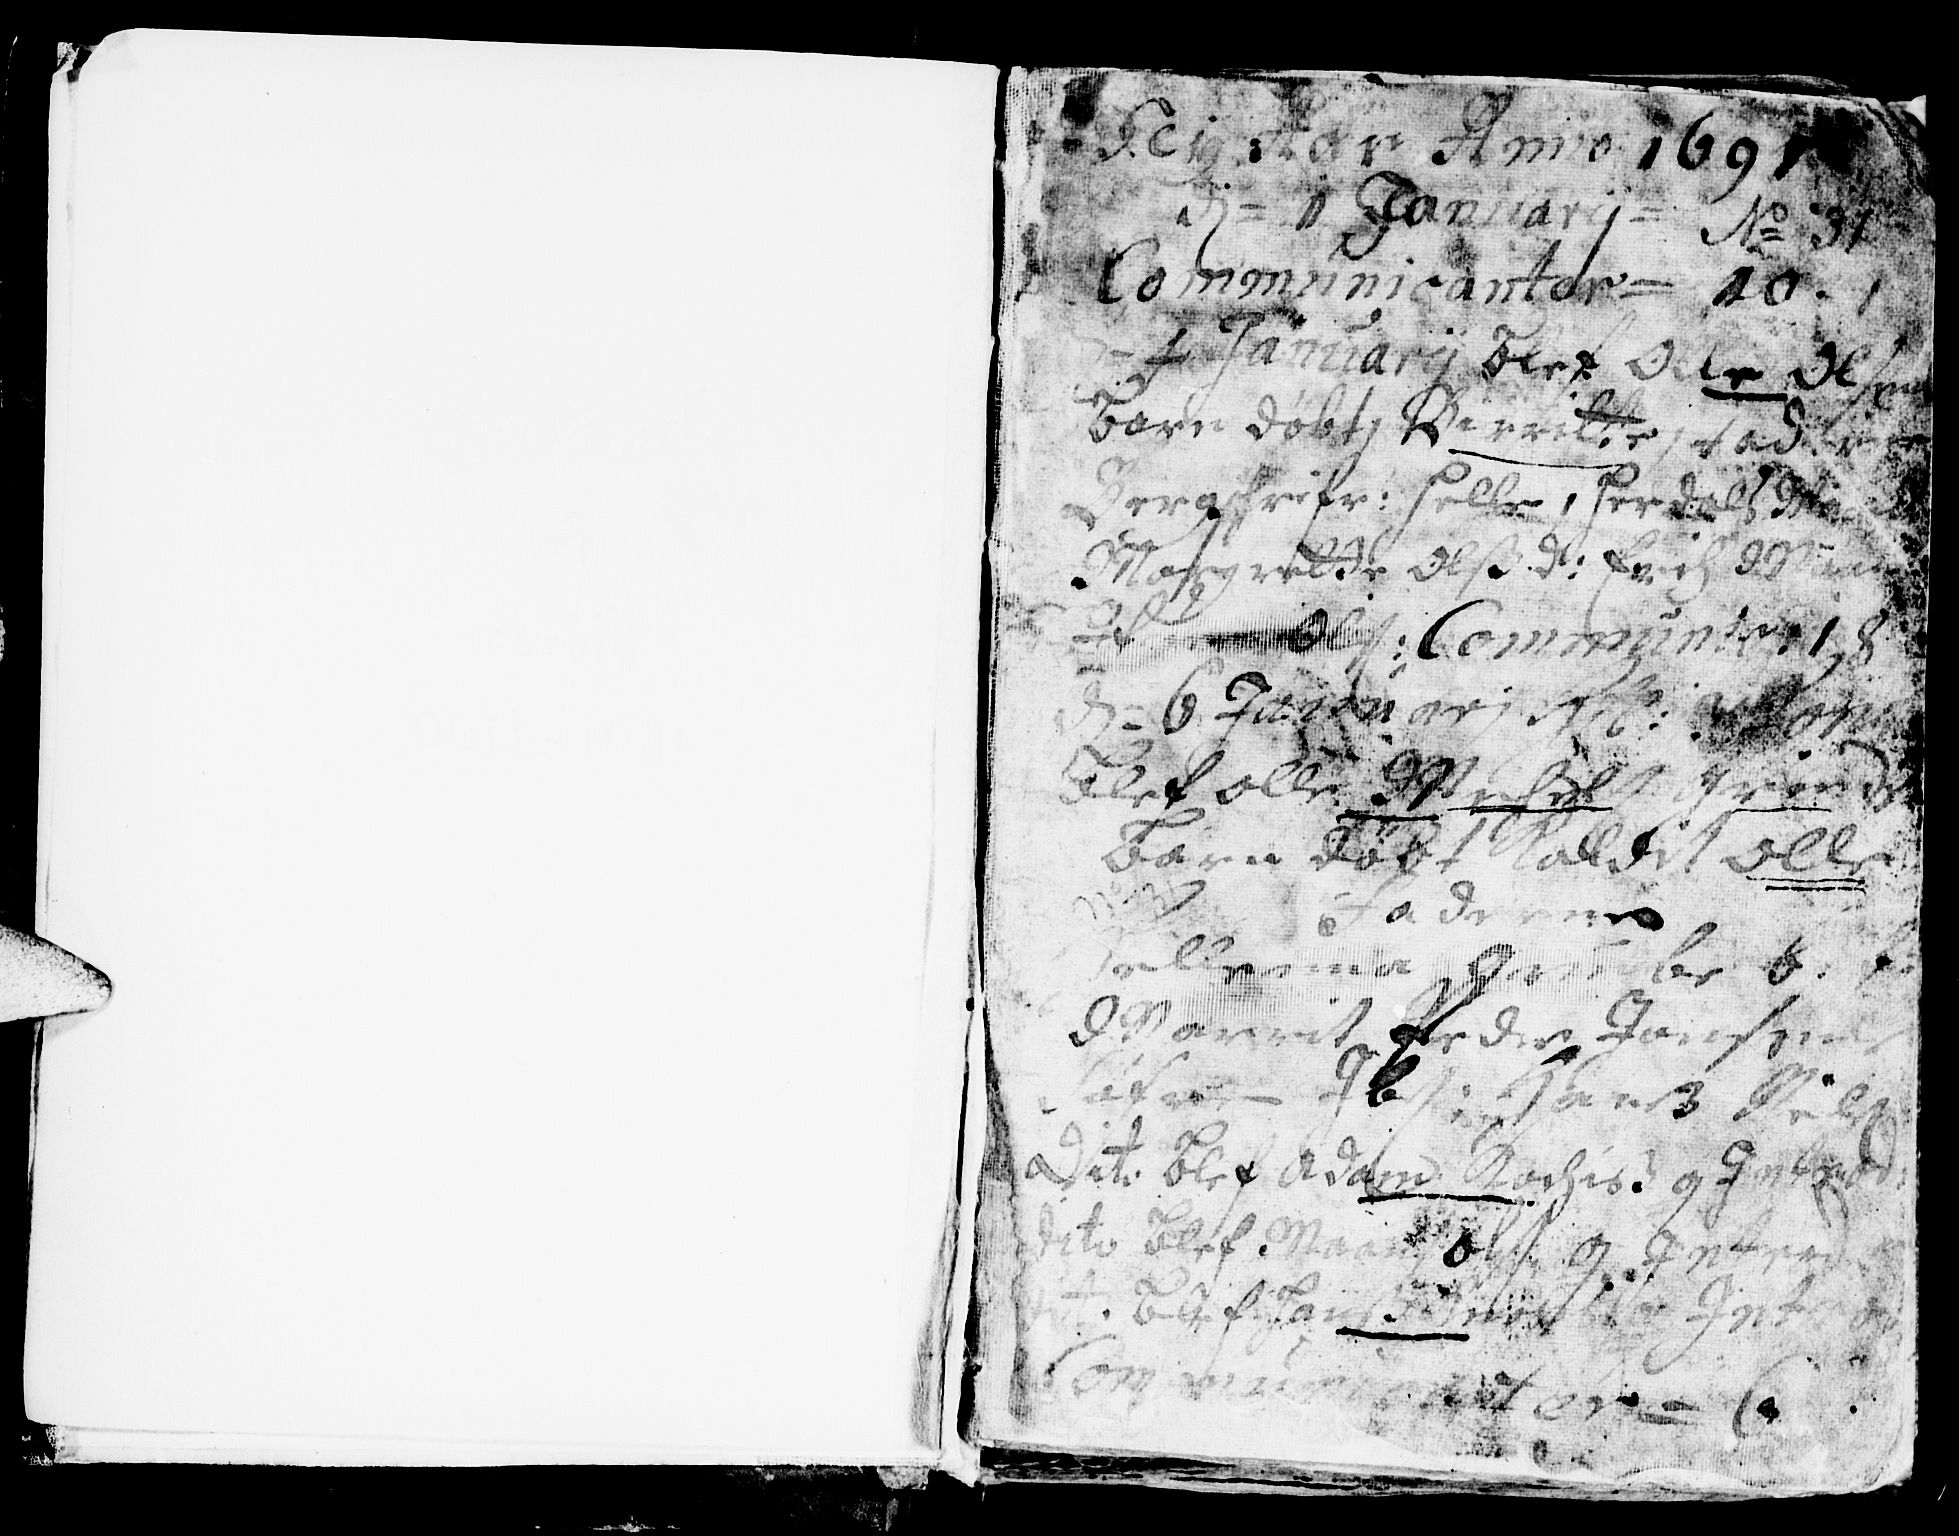 SAT, Ministerialprotokoller, klokkerbøker og fødselsregistre - Sør-Trøndelag, 681/L0923: Ministerialbok nr. 681A01, 1691-1700, s. 1